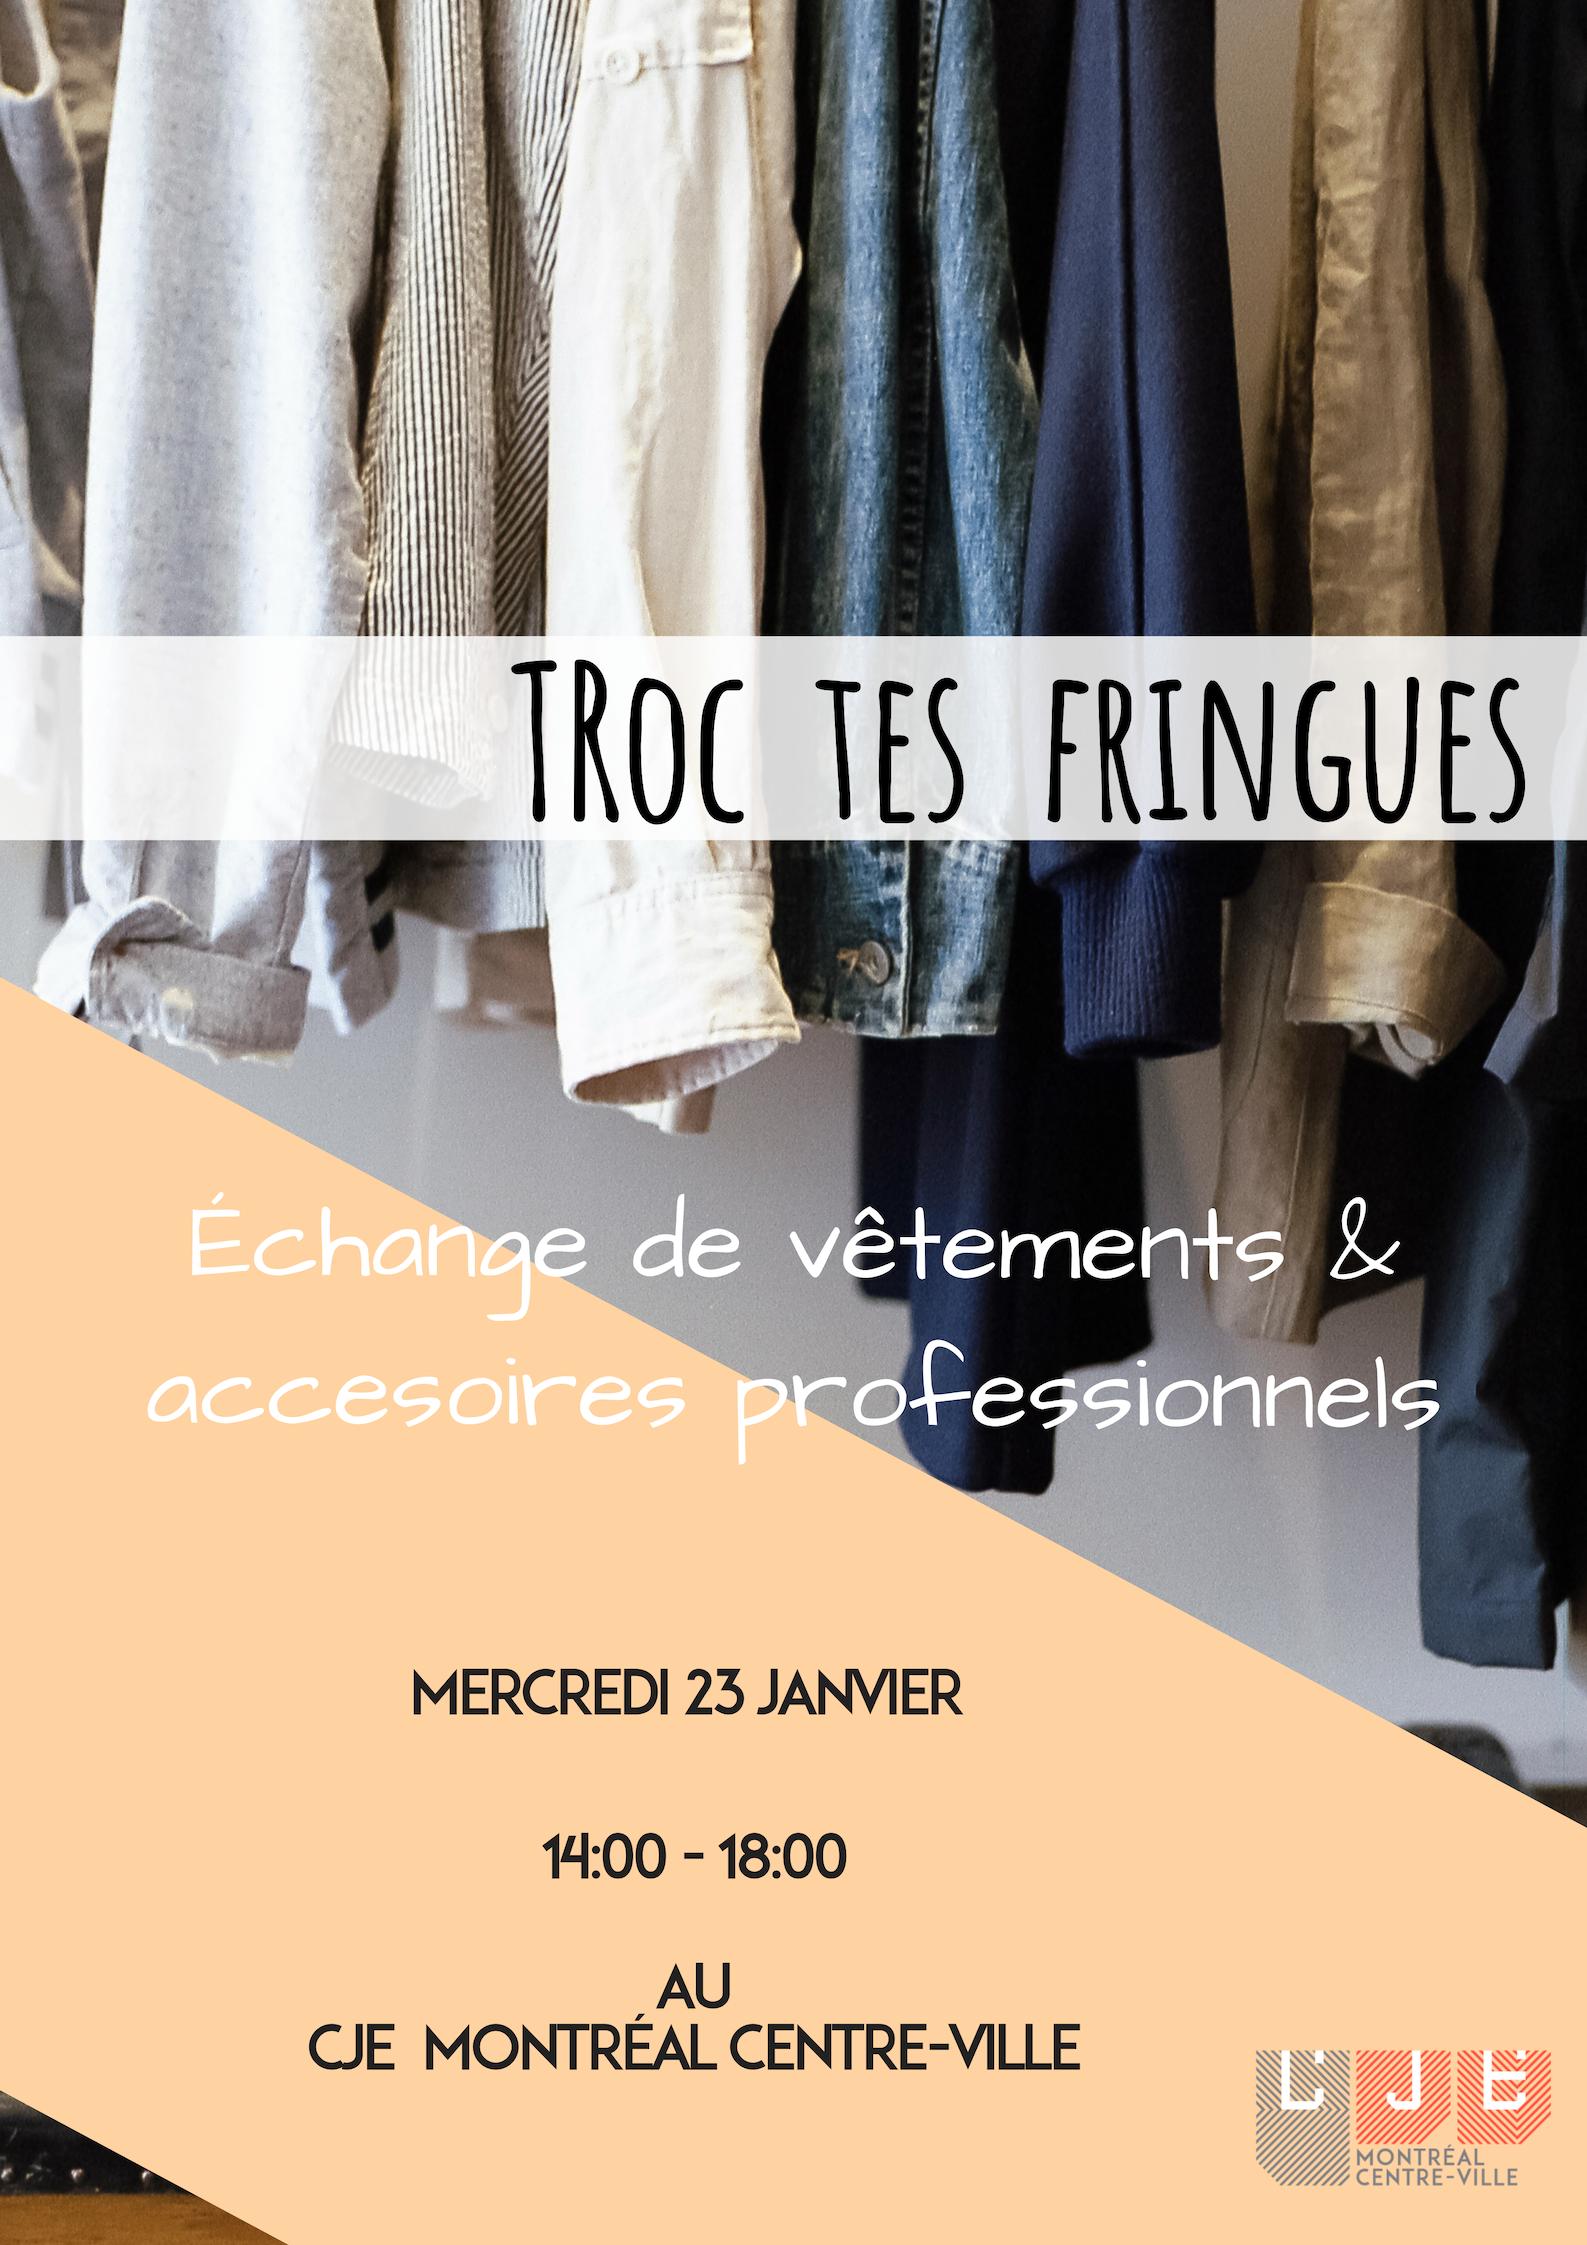 Image TROC TES FRINGUES